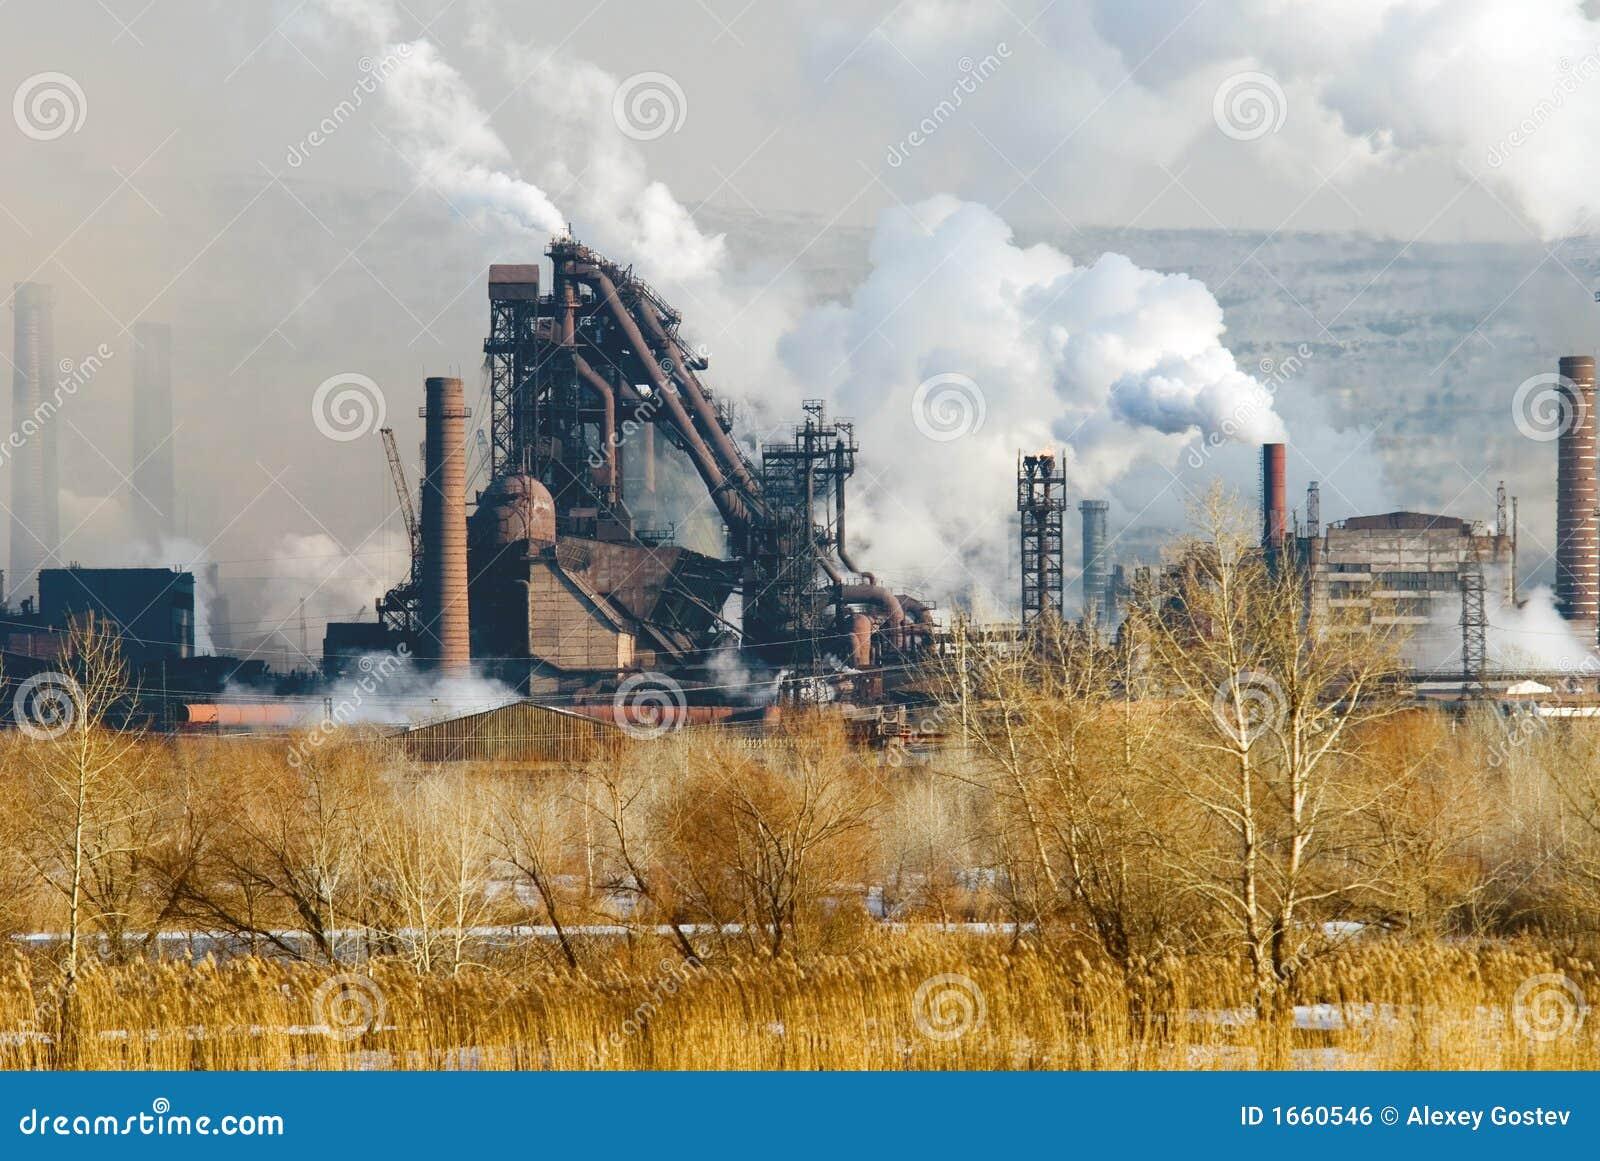 hierro y planta metal rgica de acero imagen de archivo